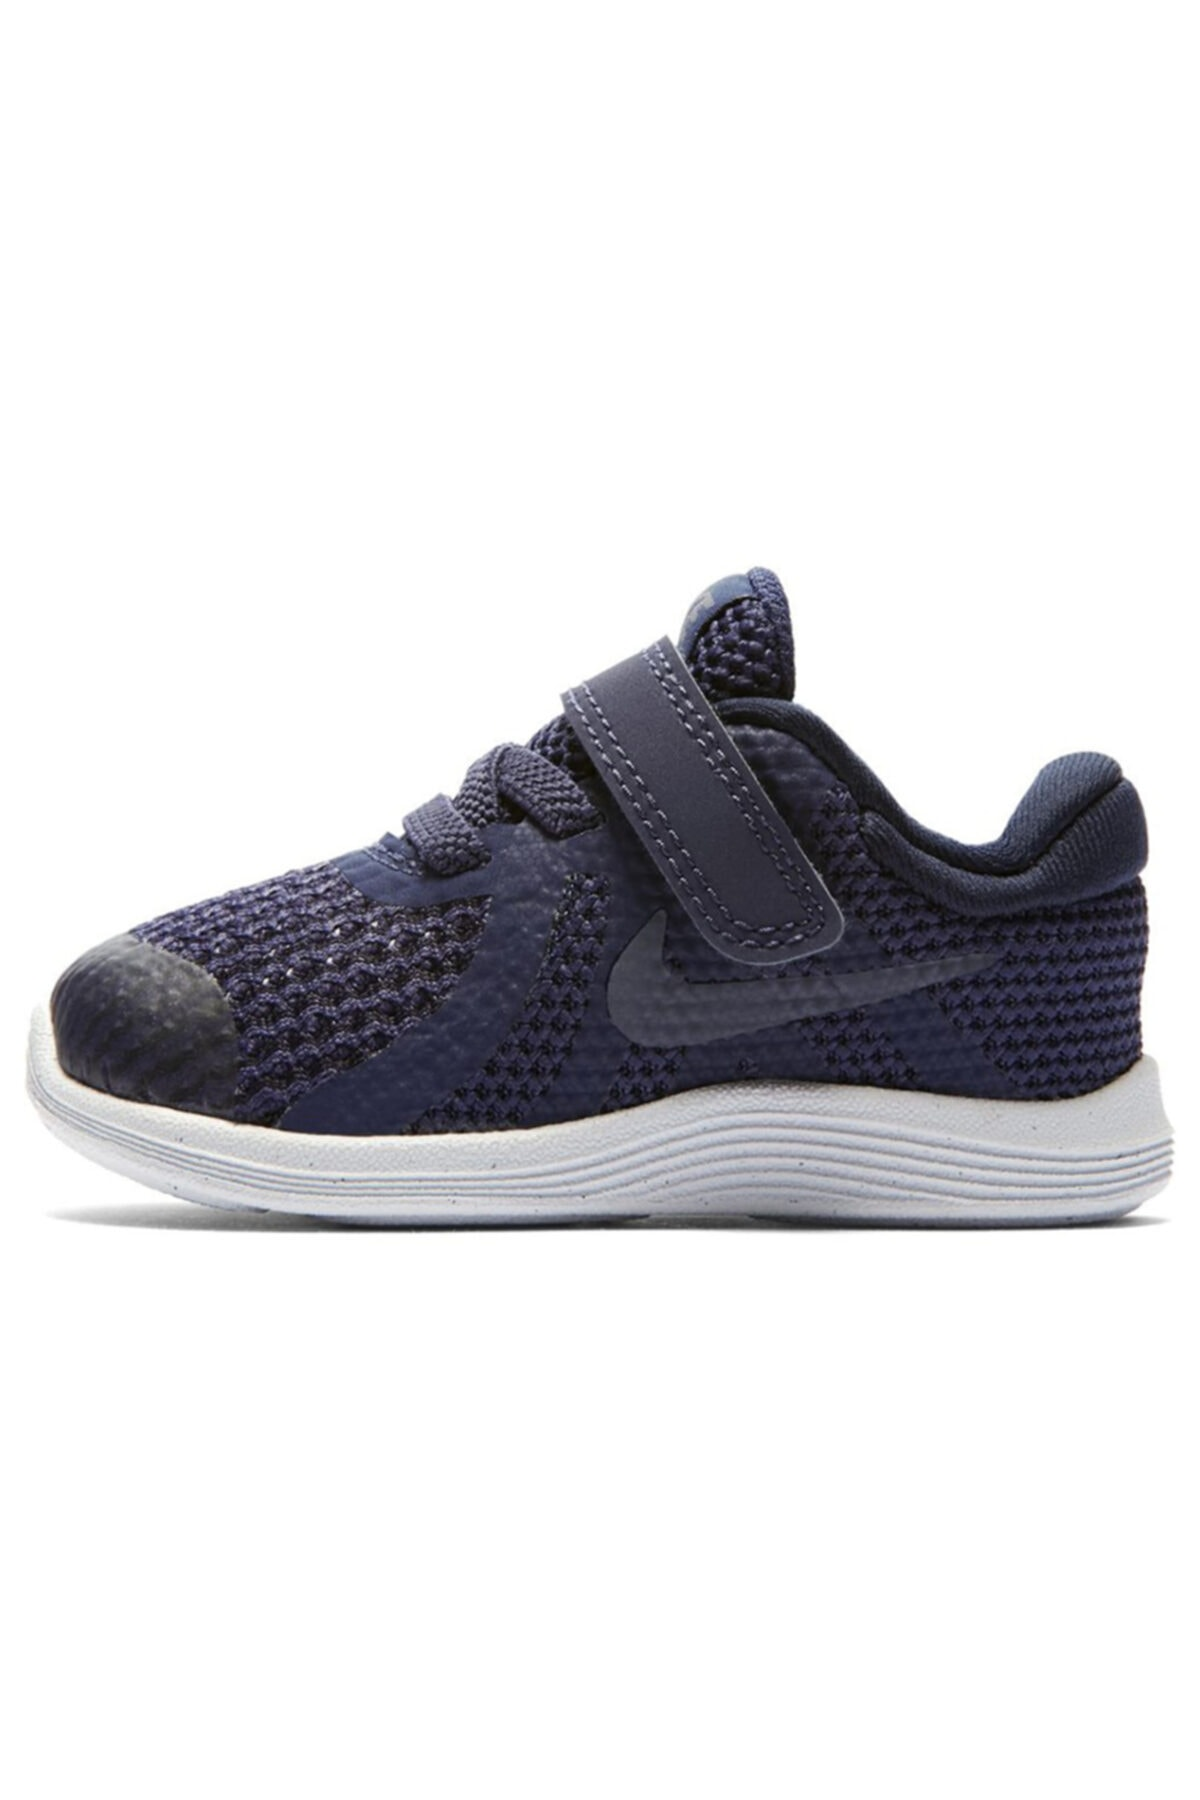 Nike Kids Lacivert 943304-501 Revolutıon Bebek Ayakkabısı 2